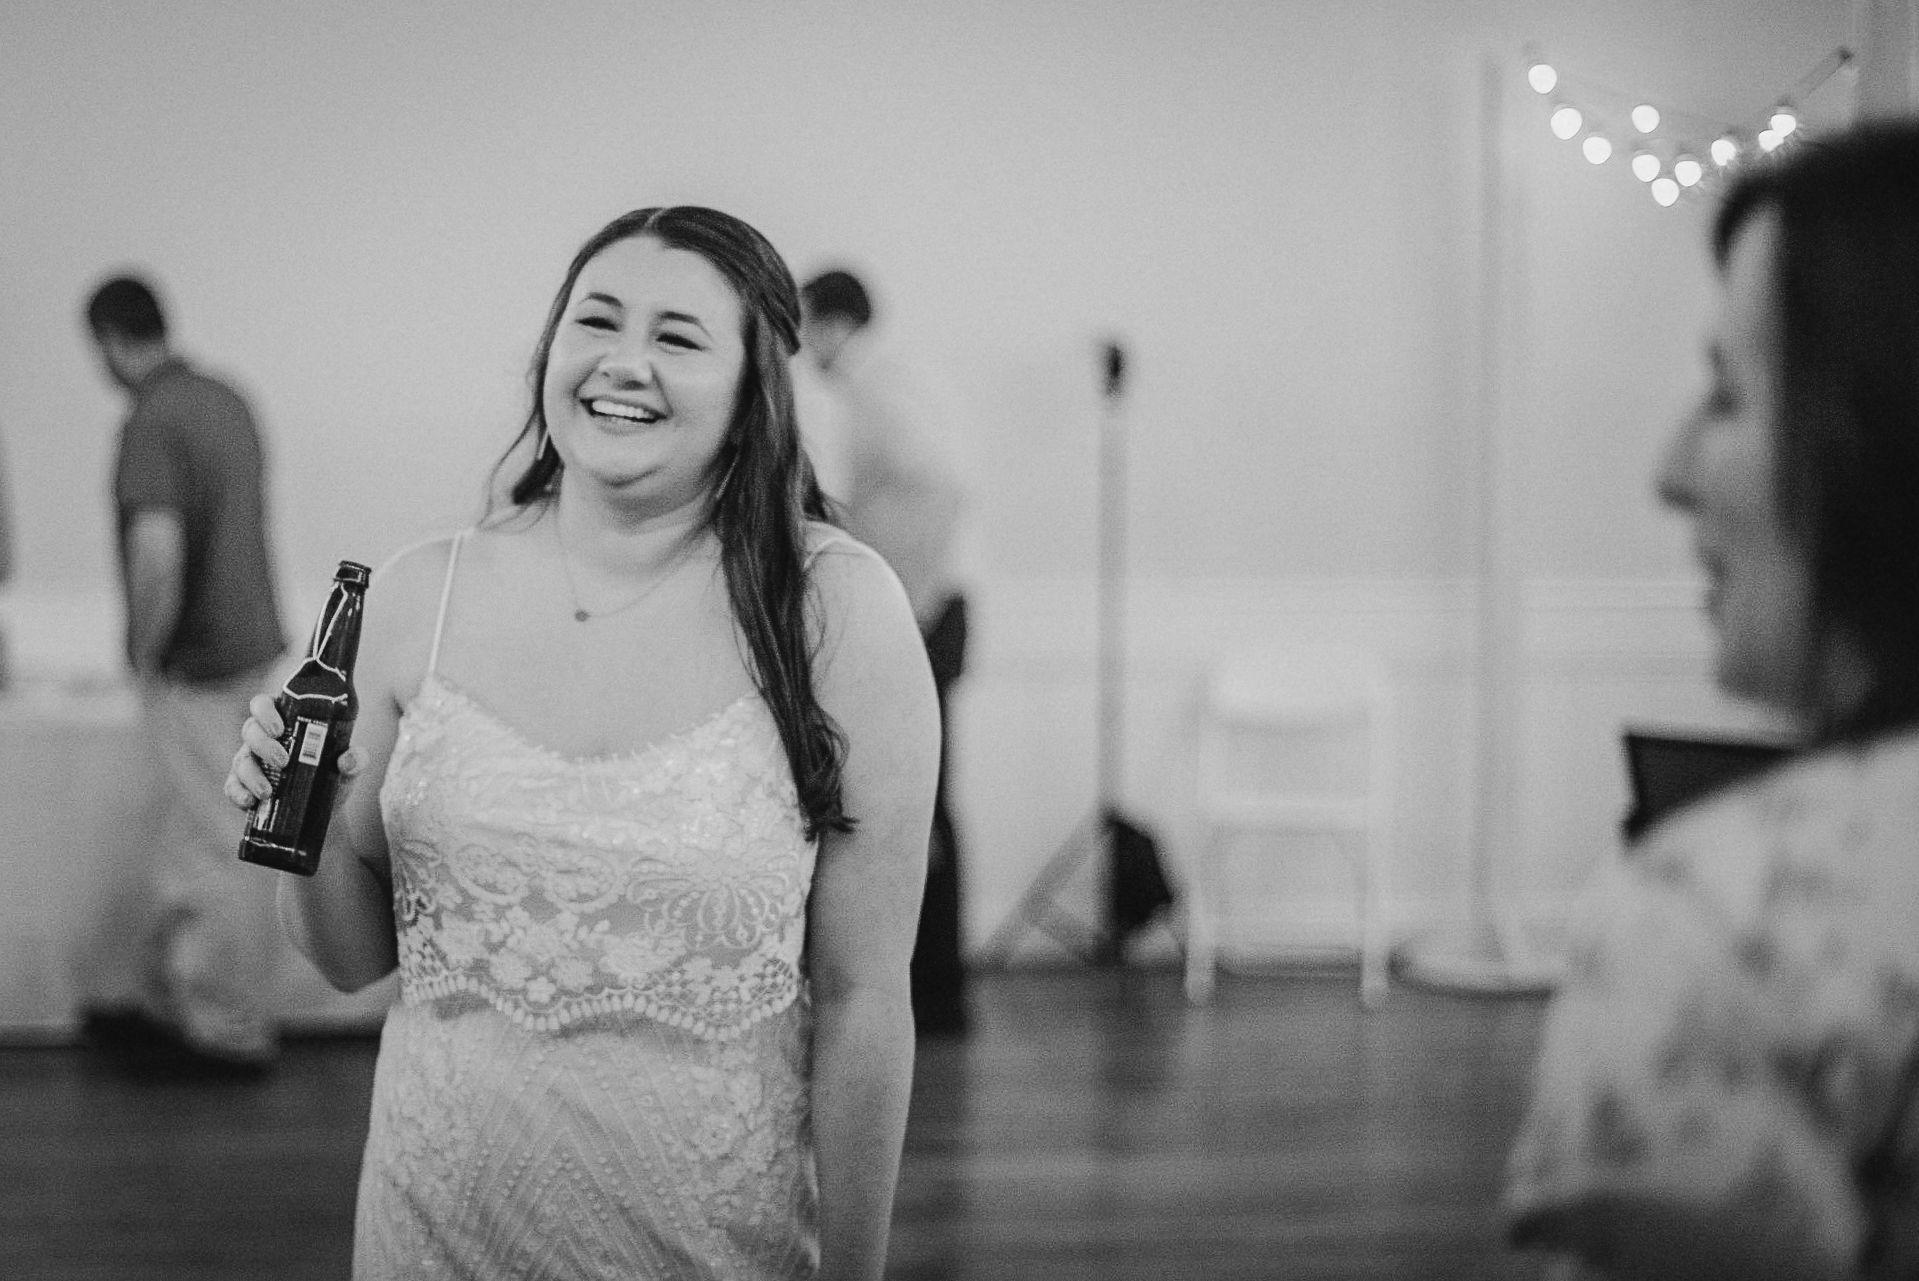 bride socializing at wedding reception at MAVFC Reception Hall